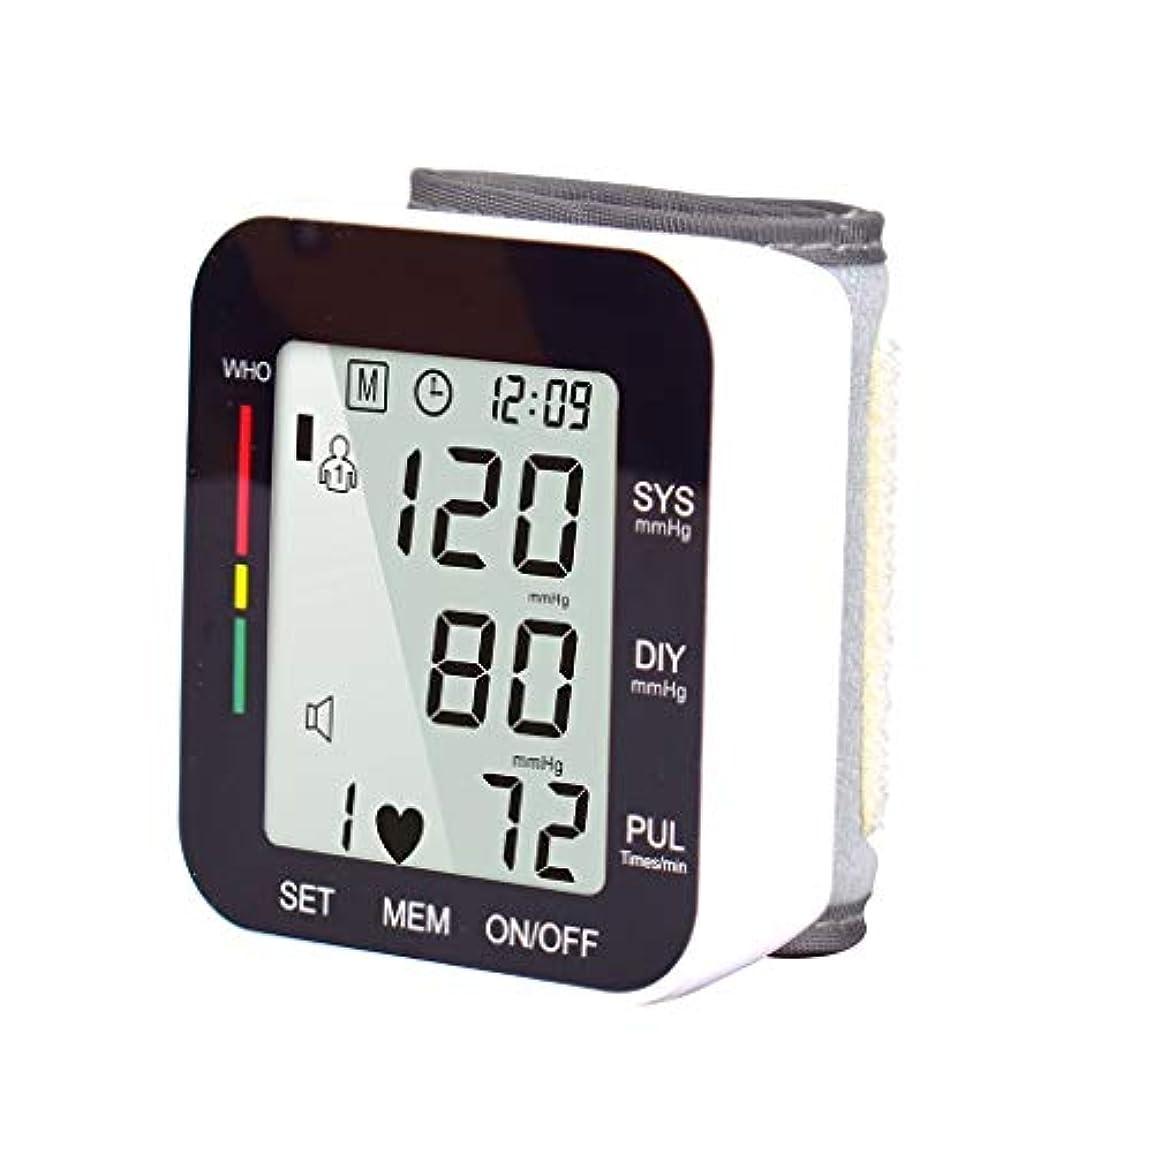 ネイティブ放出配送アッパーアームLCDデジタルディスプレイ用血圧モニターインテリジェント心拍検出デュアル電源の高密度ポリエチレン住宅 (Color : Black)